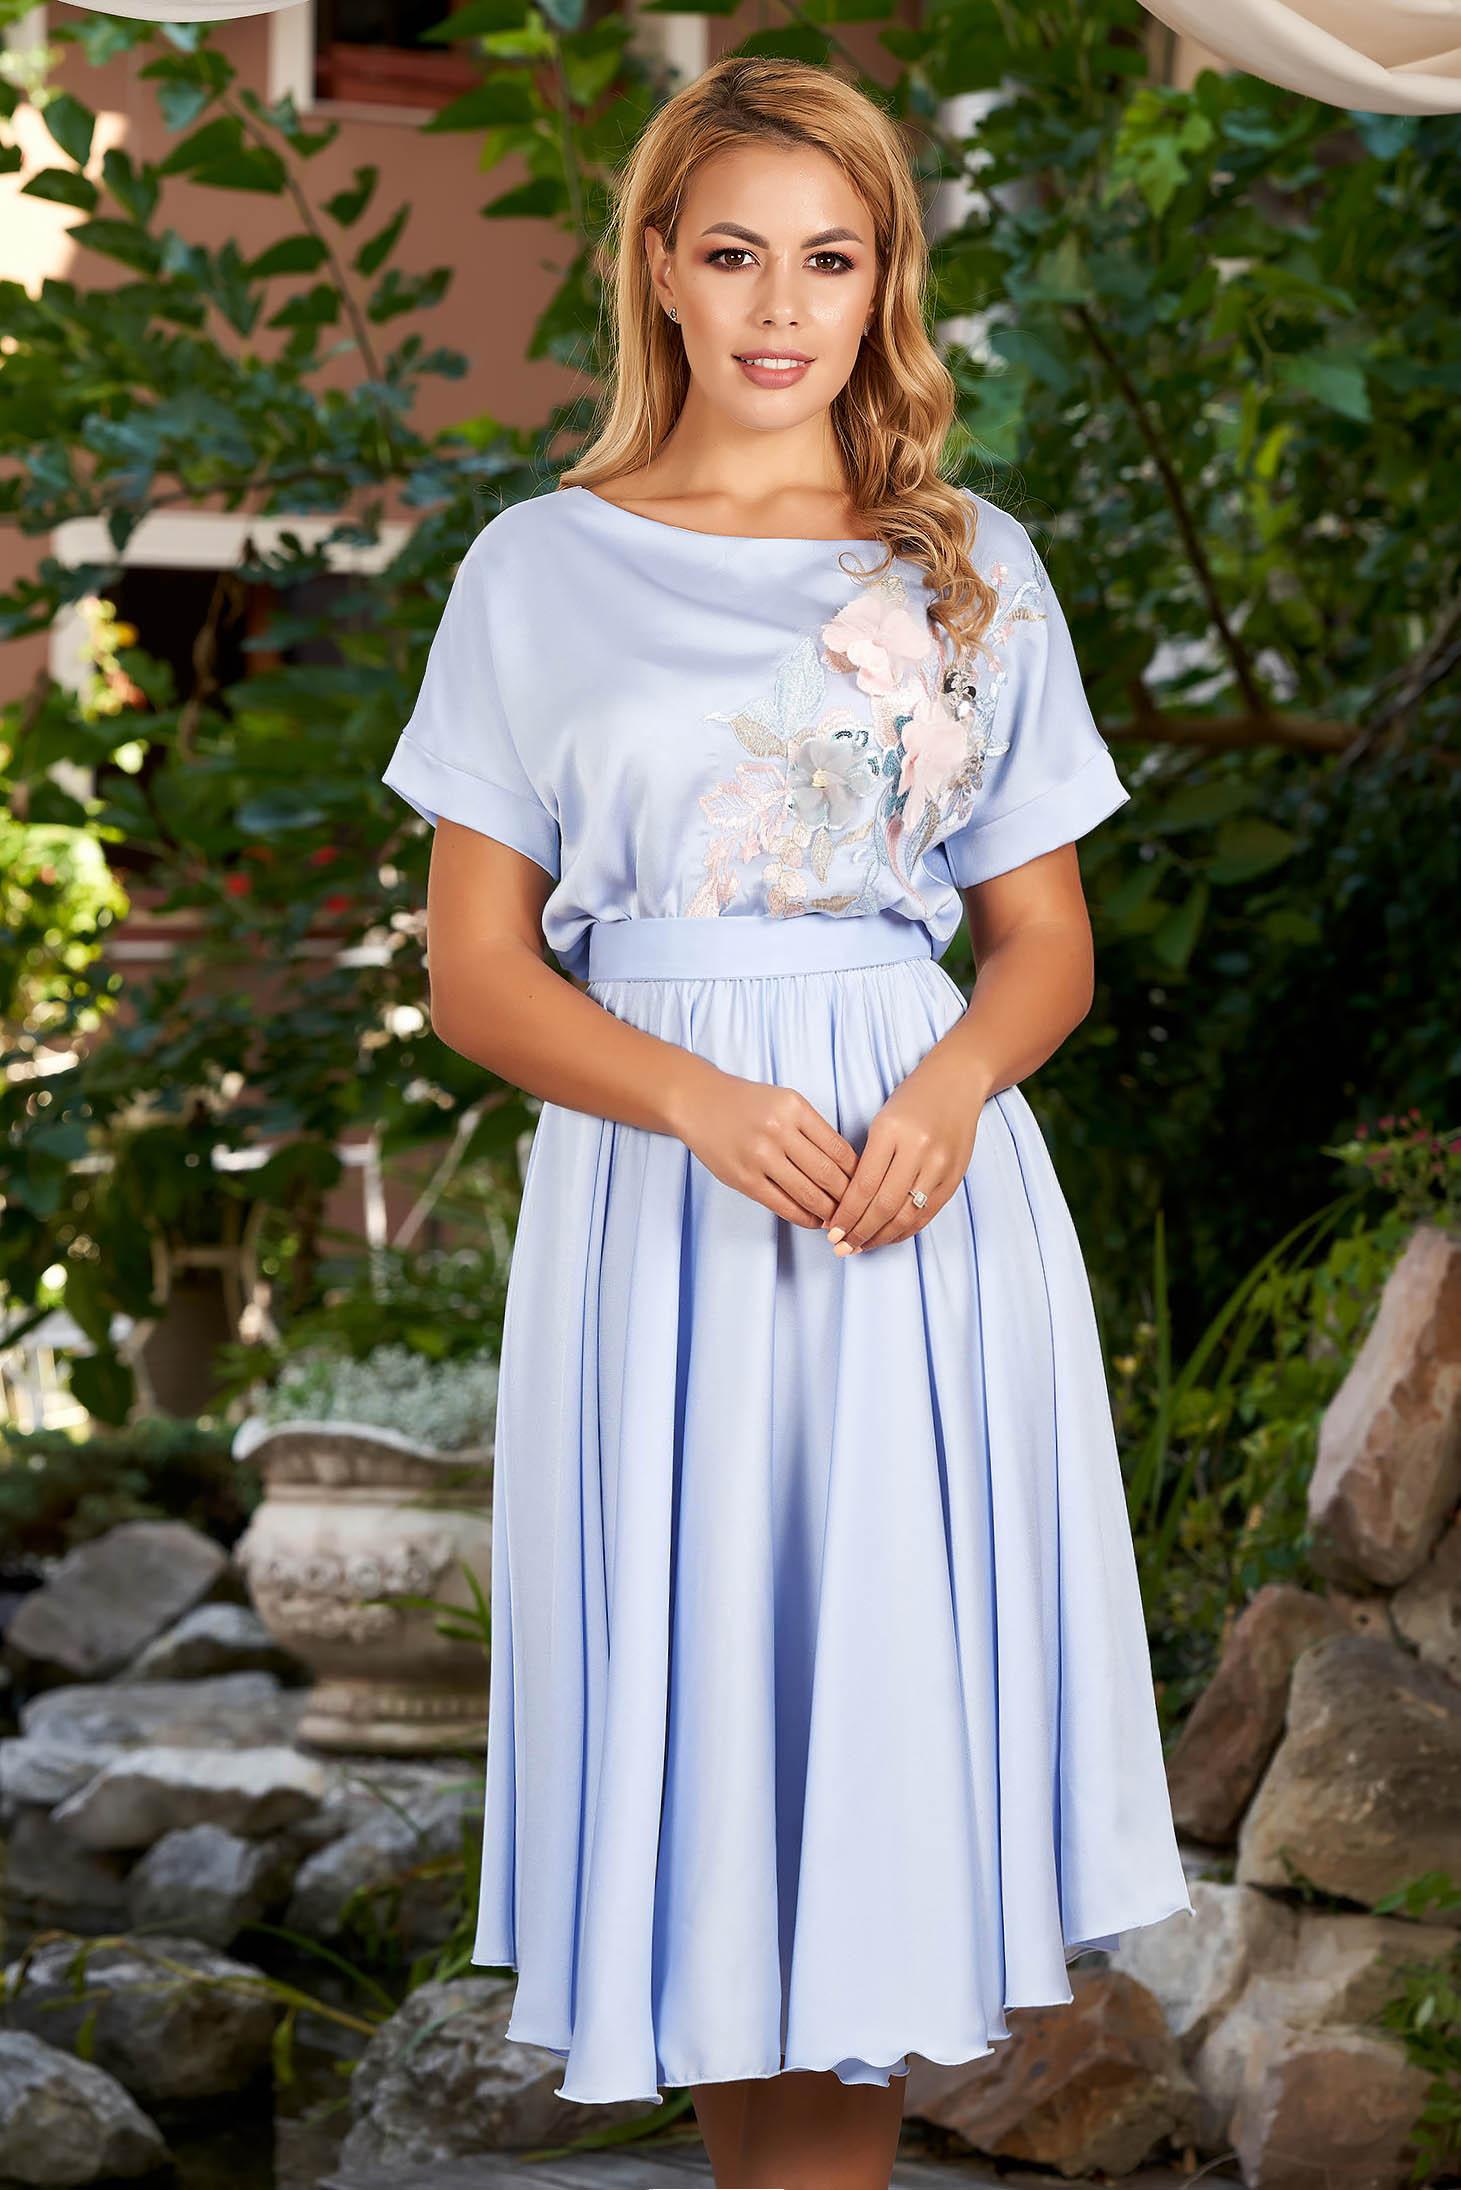 Rochie StarShinerS albastra de ocazie in clos cu elastic in talie accesorizata cu cordon